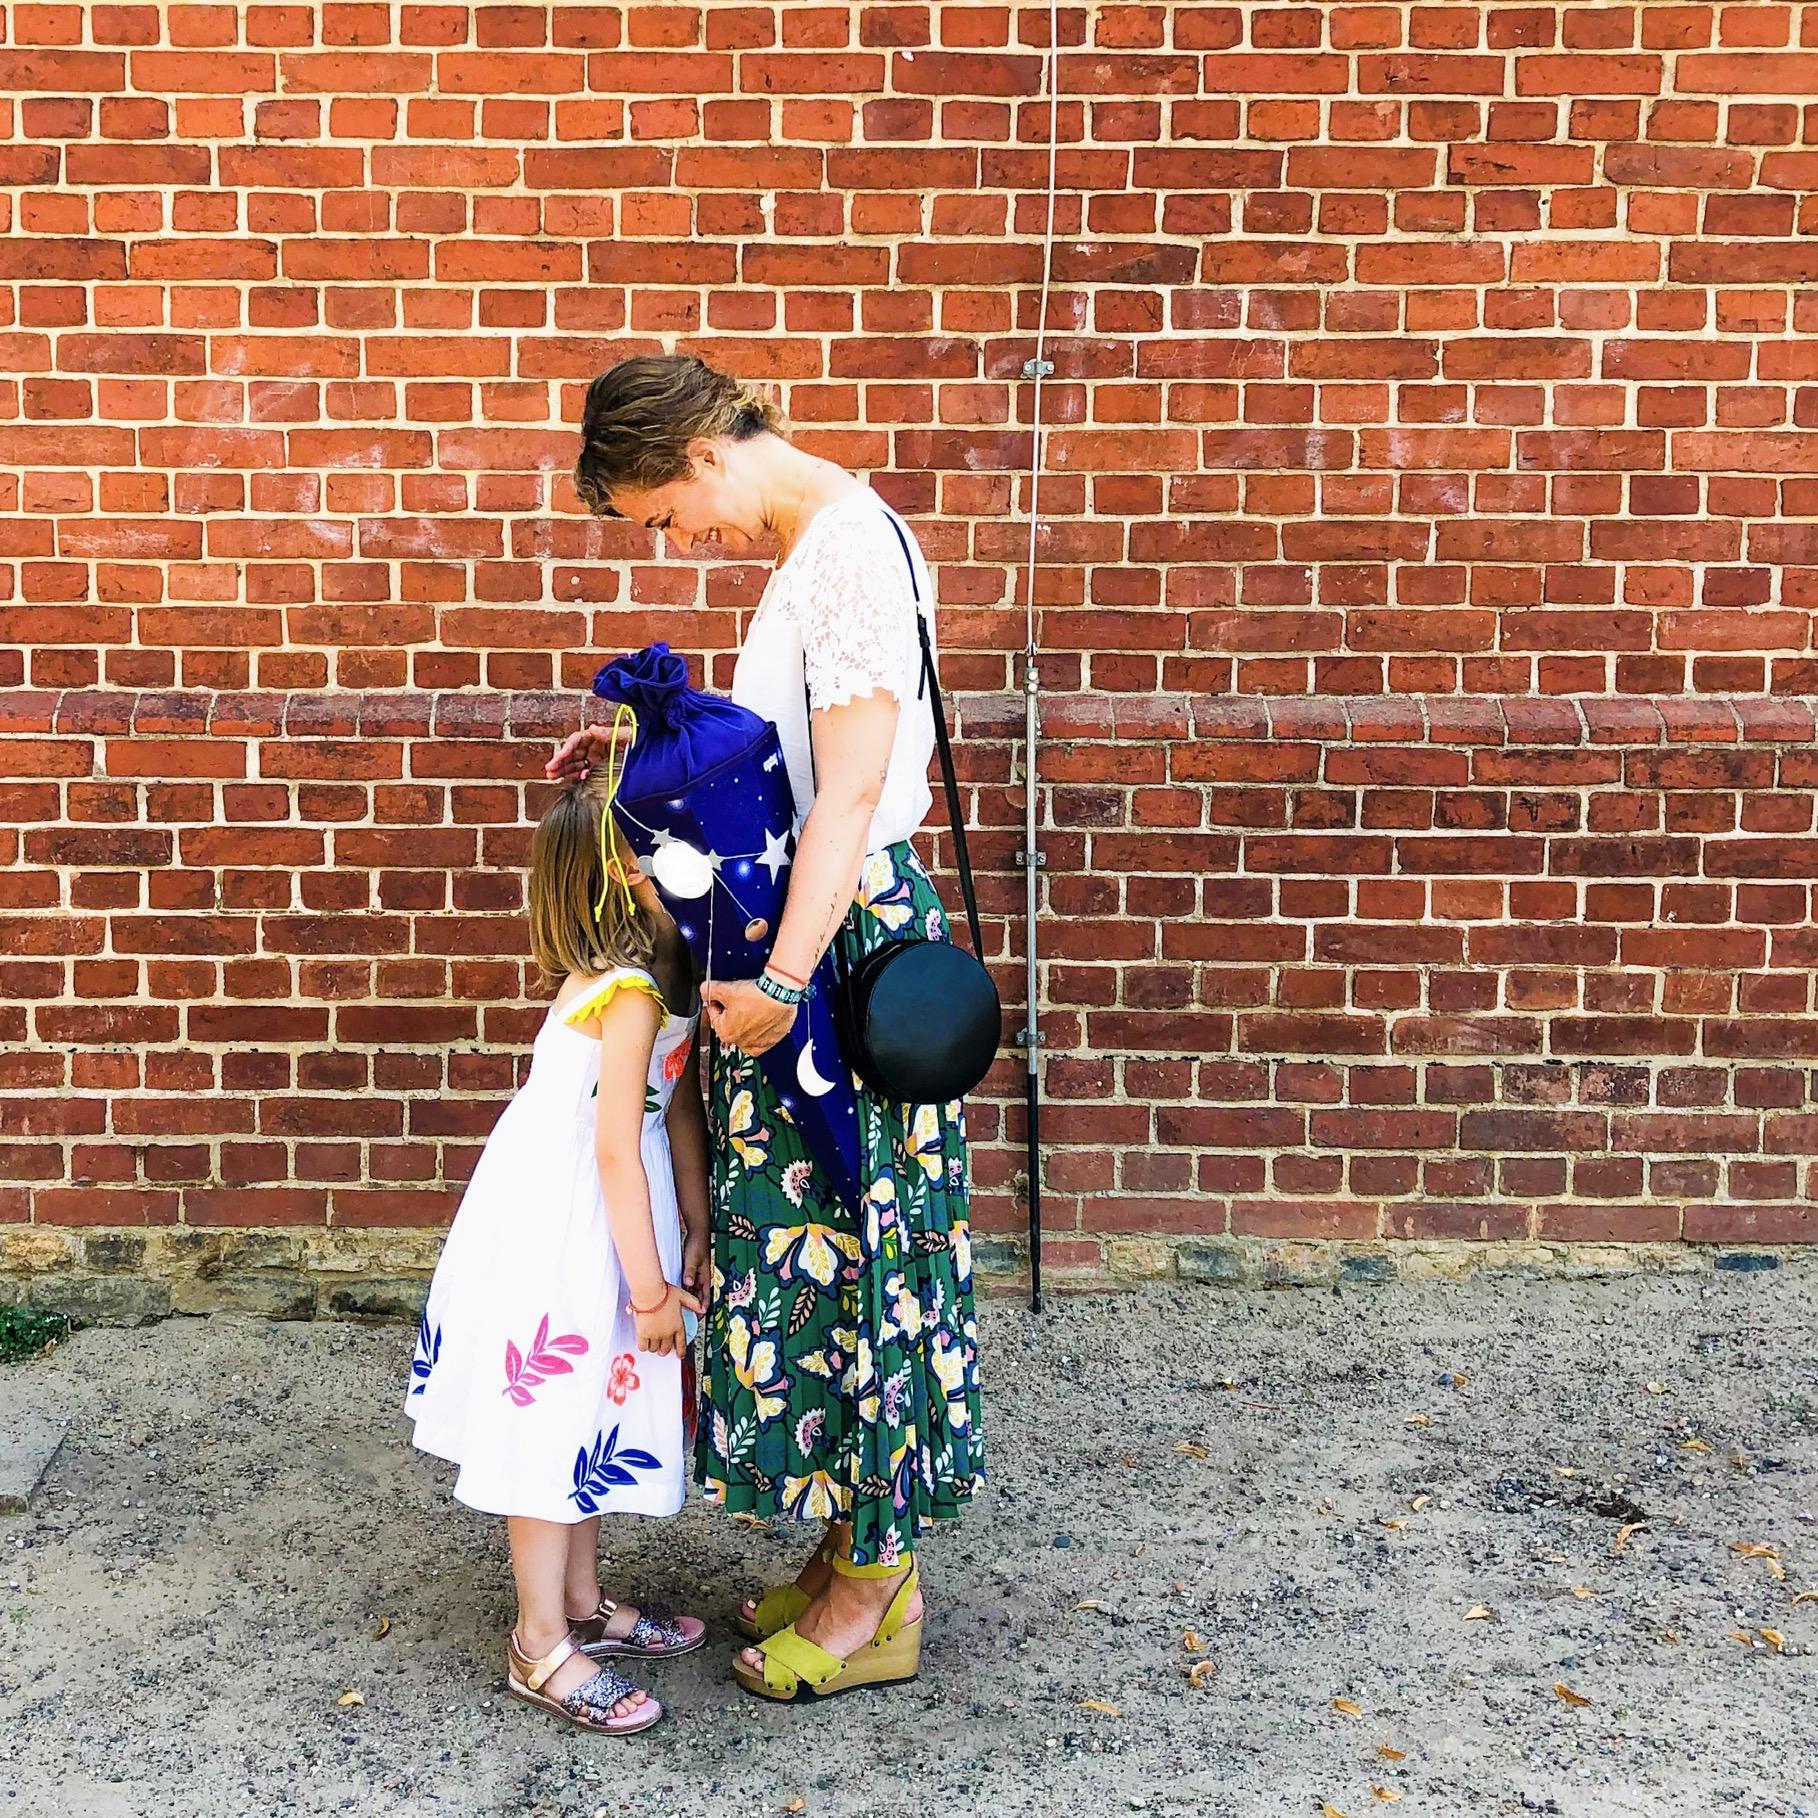 Schulstart: Ein Tanz von Vertrauen und Loslassen